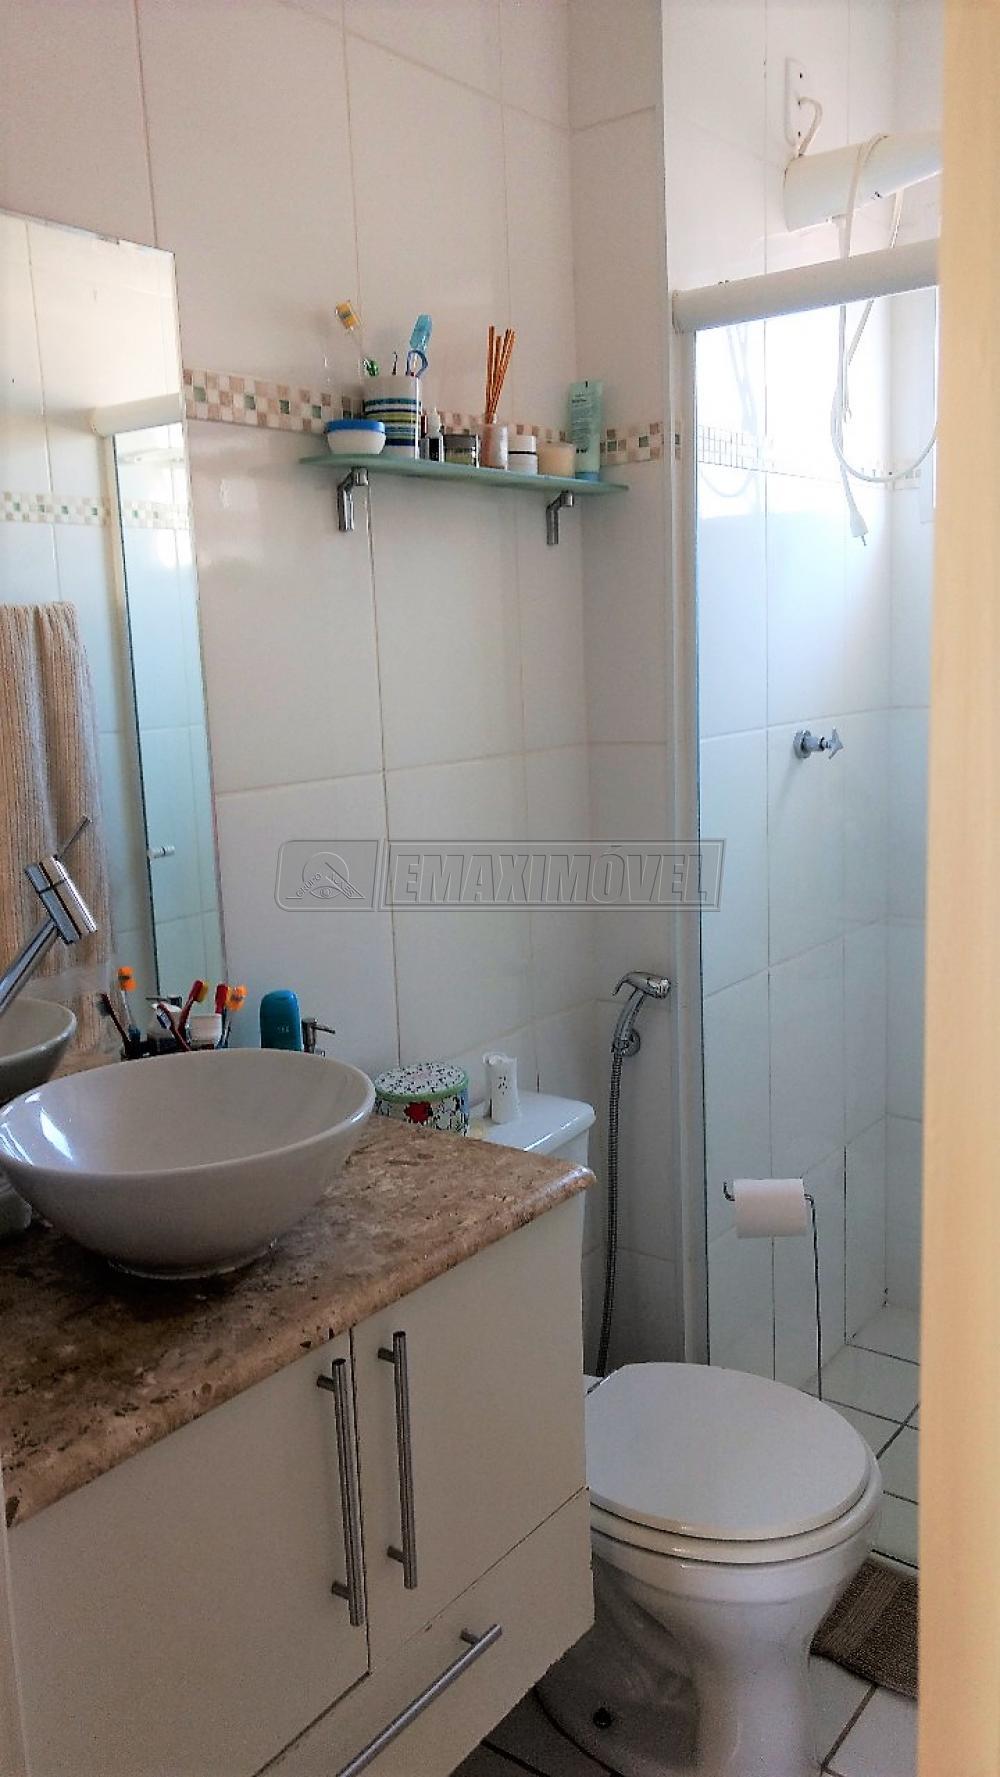 Comprar Casas / em Condomínios em Votorantim apenas R$ 330.000,00 - Foto 13